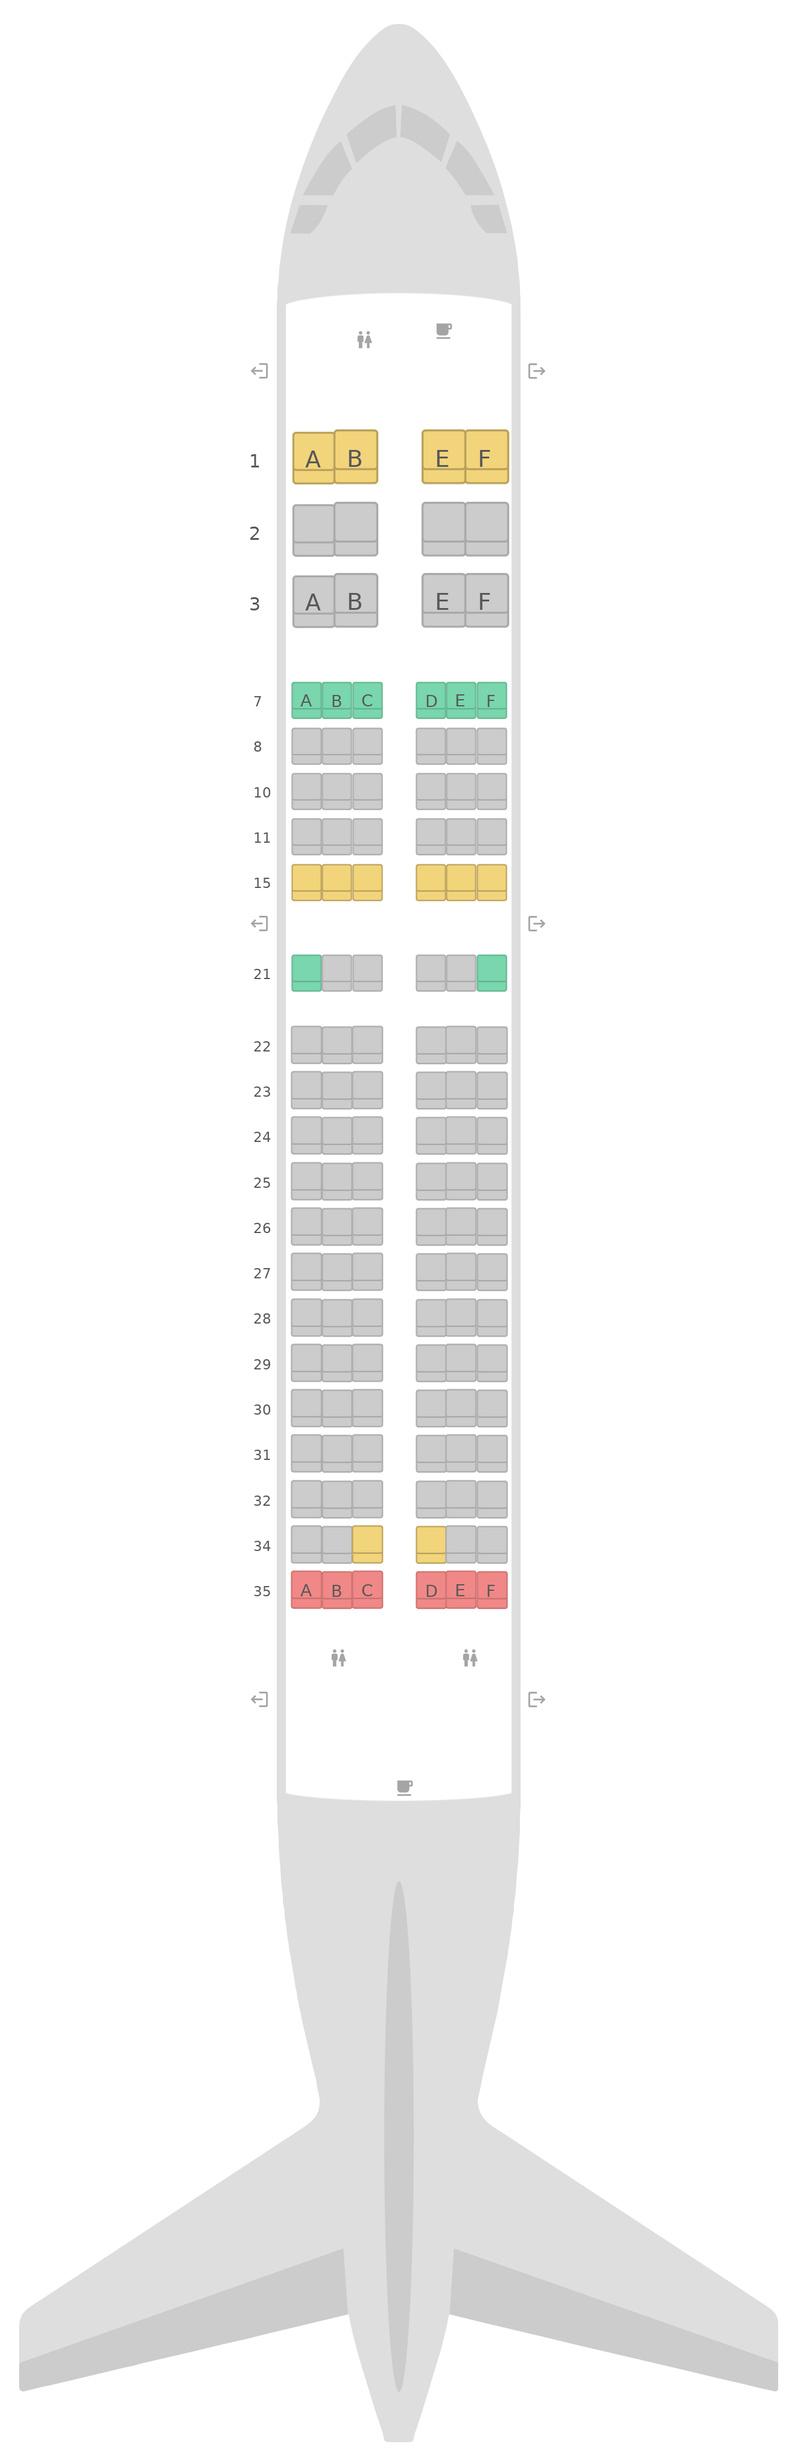 Mapa de asientos Airbus A319 v2 United